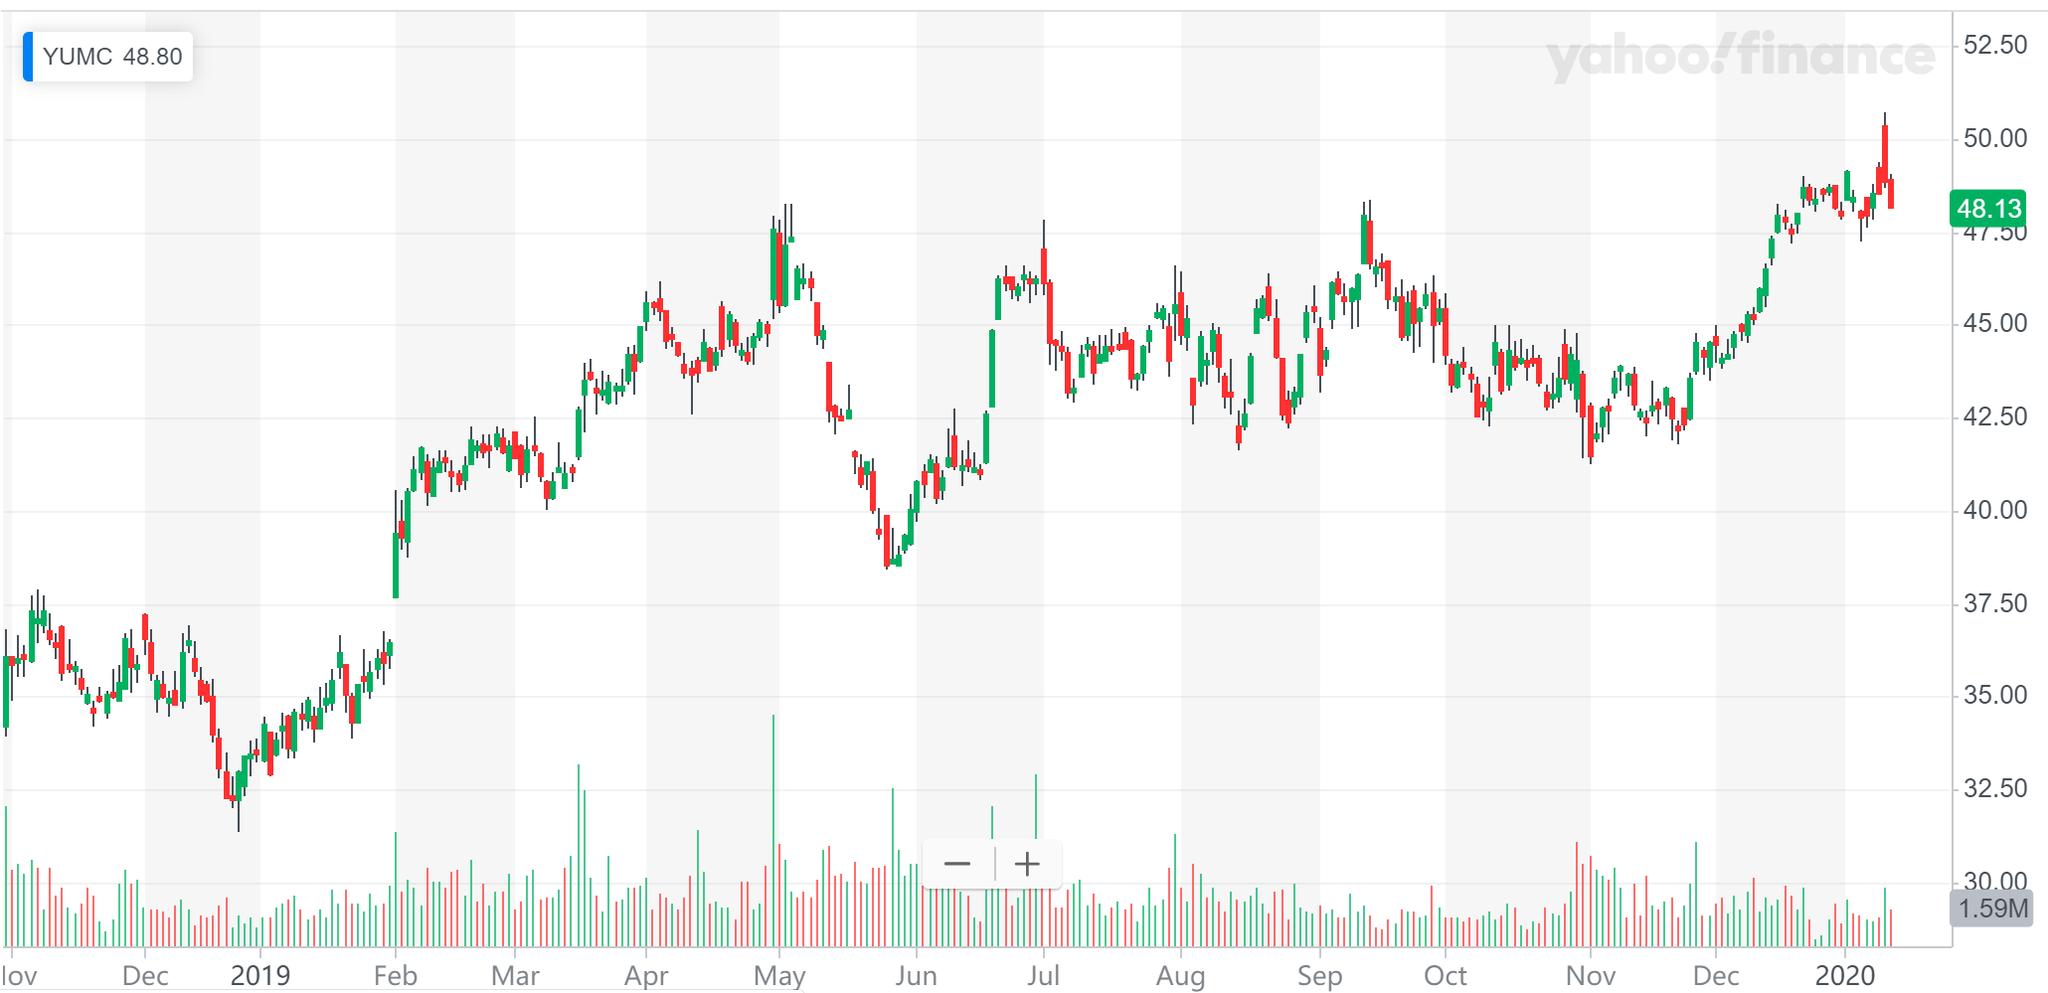 京沪高铁刷新A股IPO最快审核纪录11月IPO规模850亿